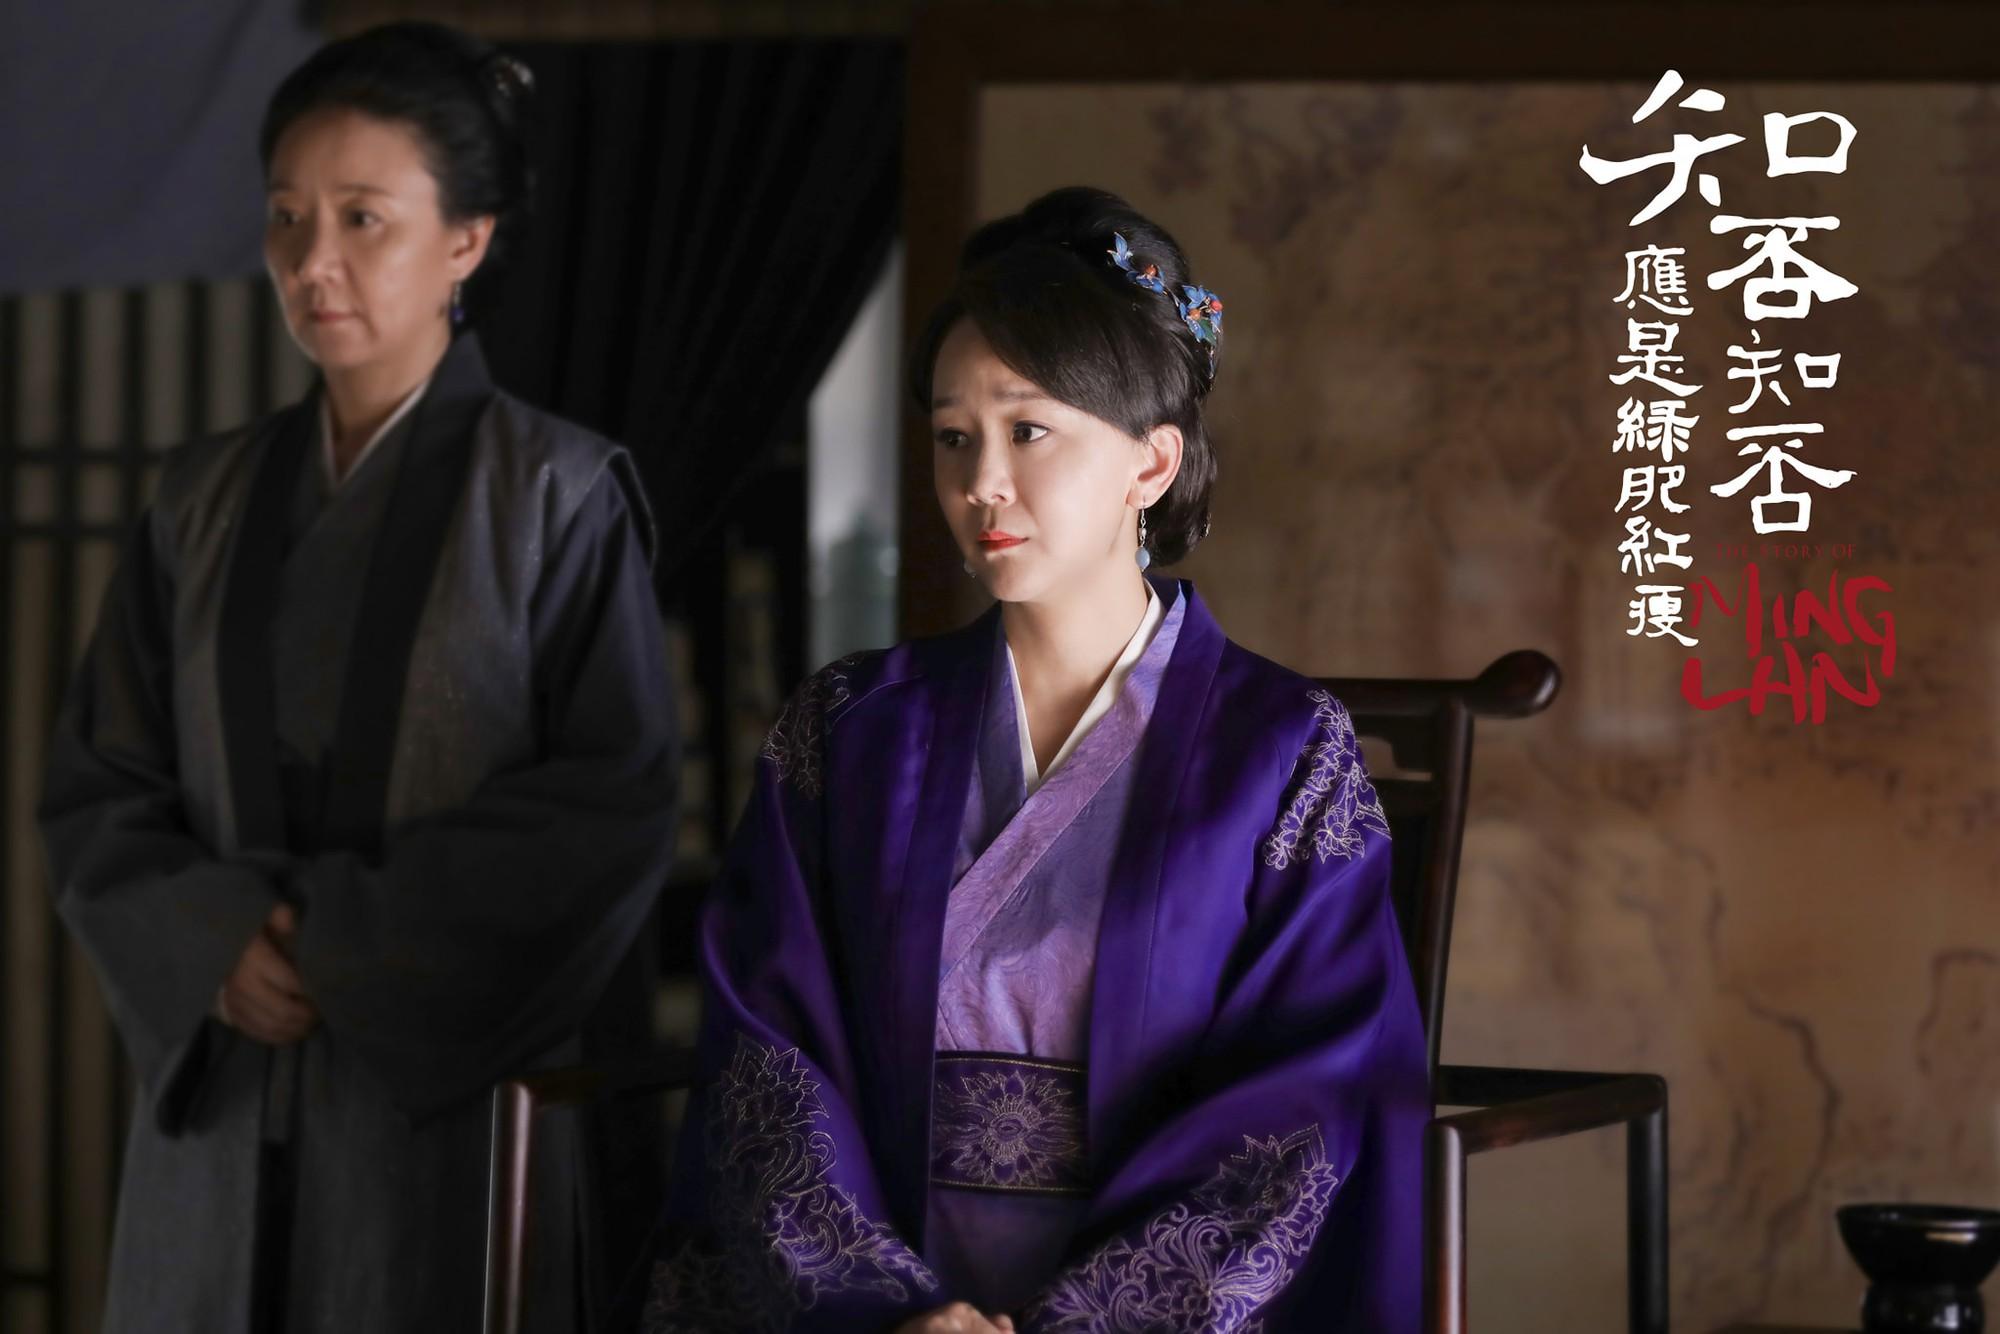 Lộ diện 4 gương mặt phản diện quyết cho Triệu Lệ Dĩnh ăn hành ra bã trong Minh Lan Truyện - Ảnh 5.